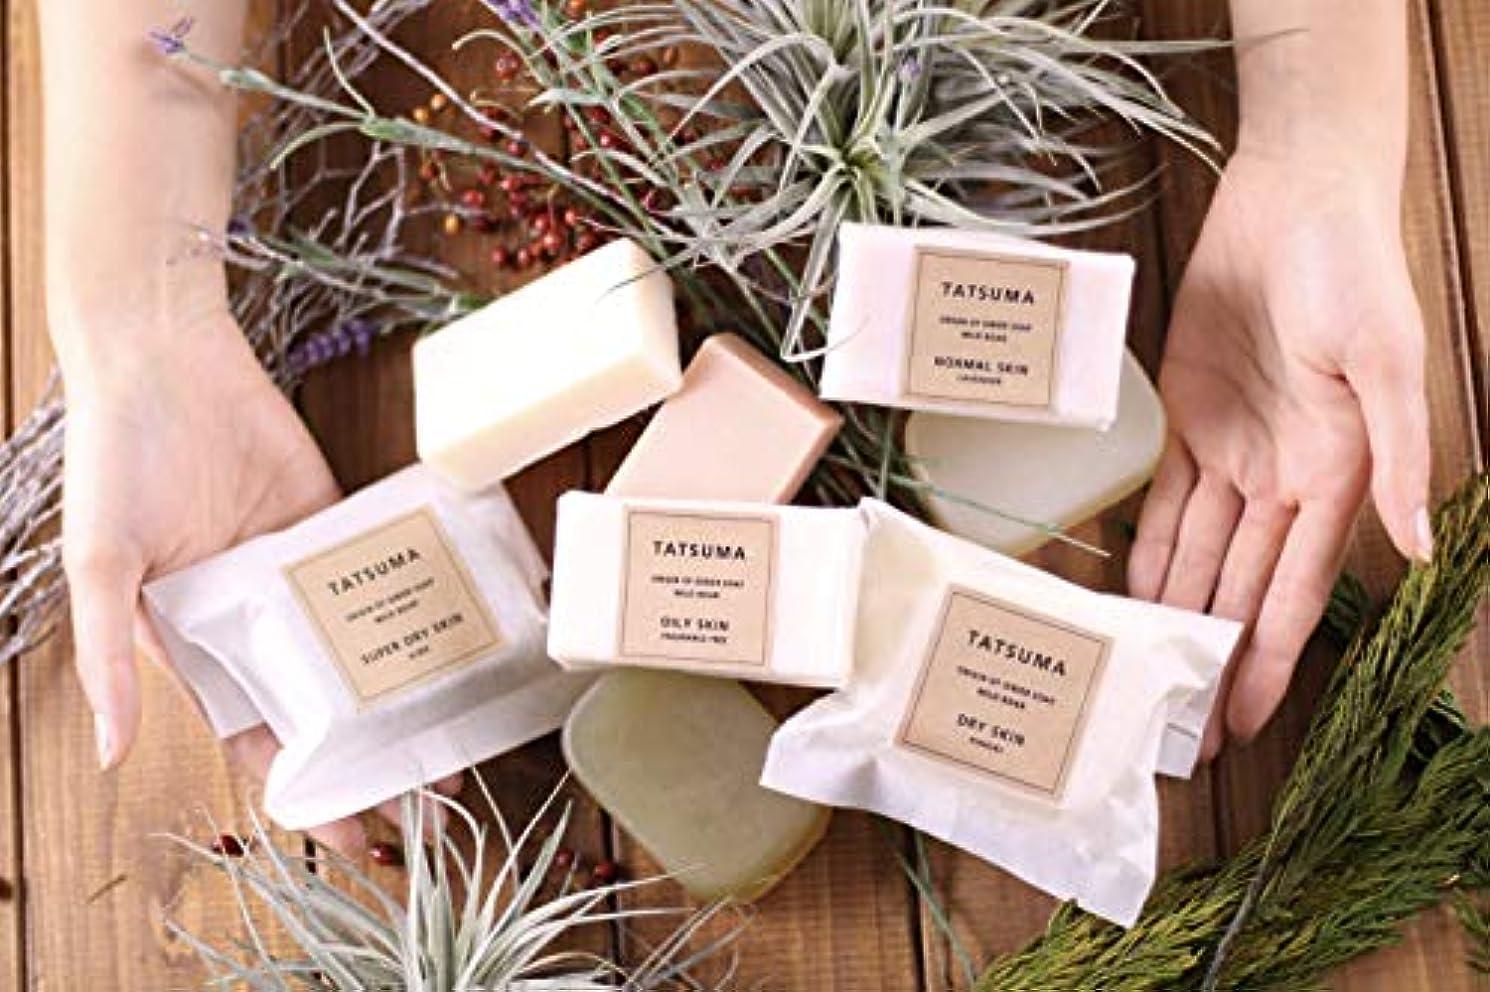 病むき出しモニカTATSUMA SOAP 動物性オイルの無添加石鹸 NORMAL SKIN 普通肌さん ラベンダーの香(80g)